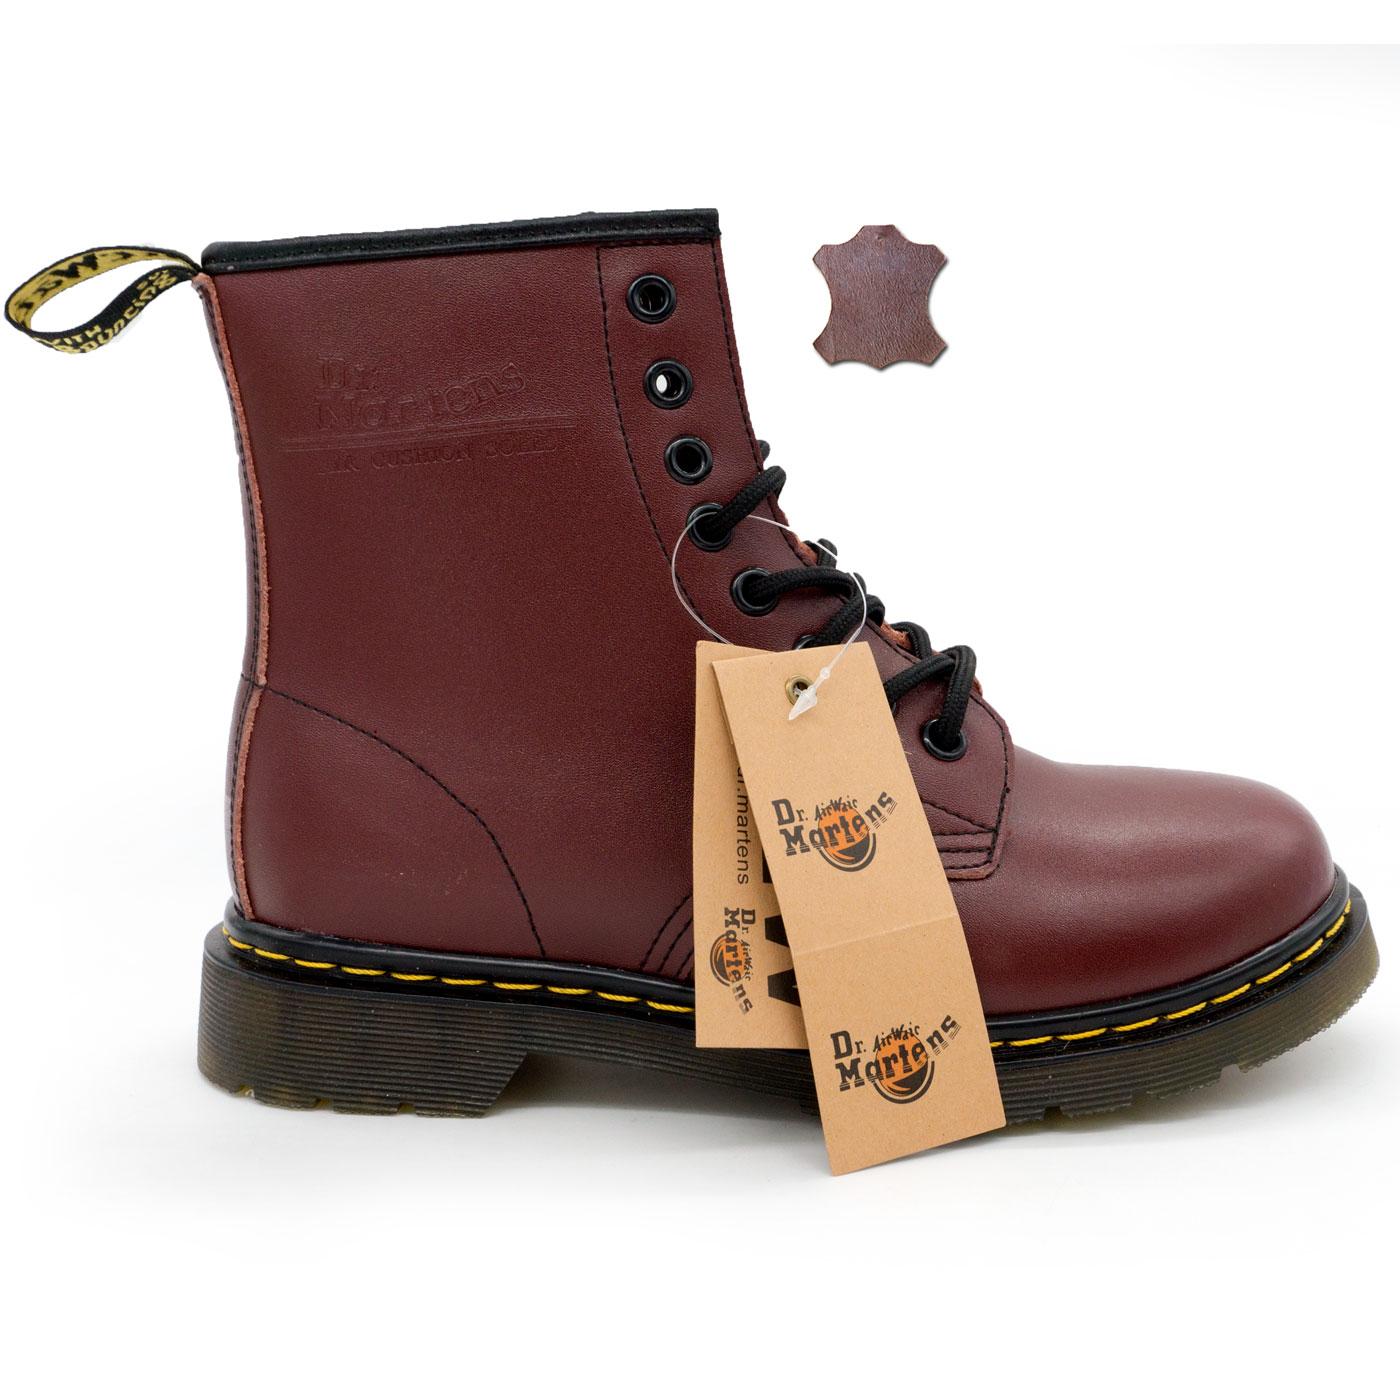 фото main Коричневые женские ботинки в Dr. Martens, натуральная кожа - Топ качество! main